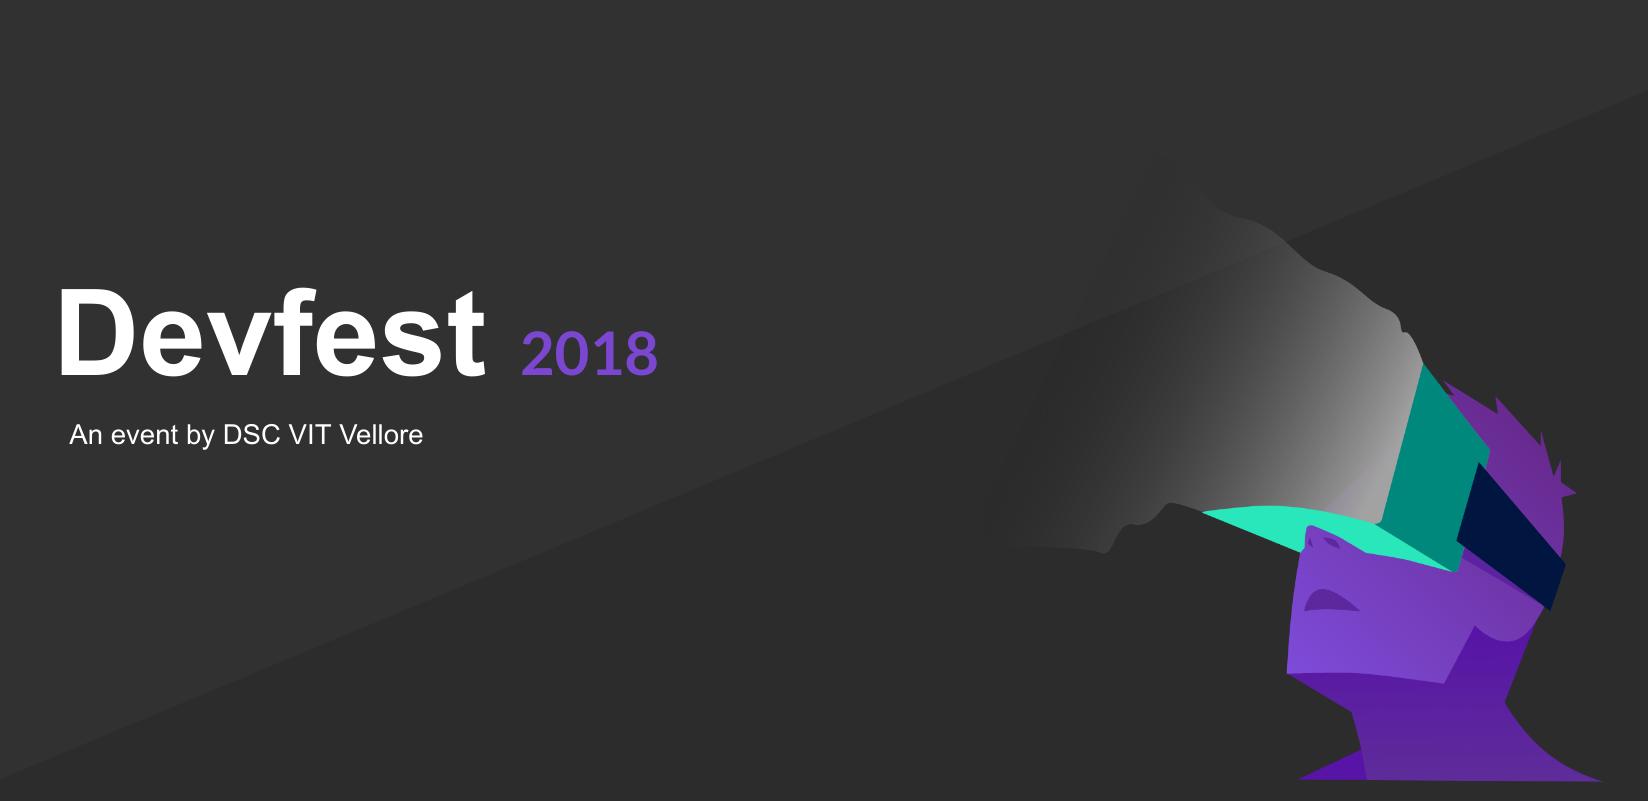 DevFest 2018